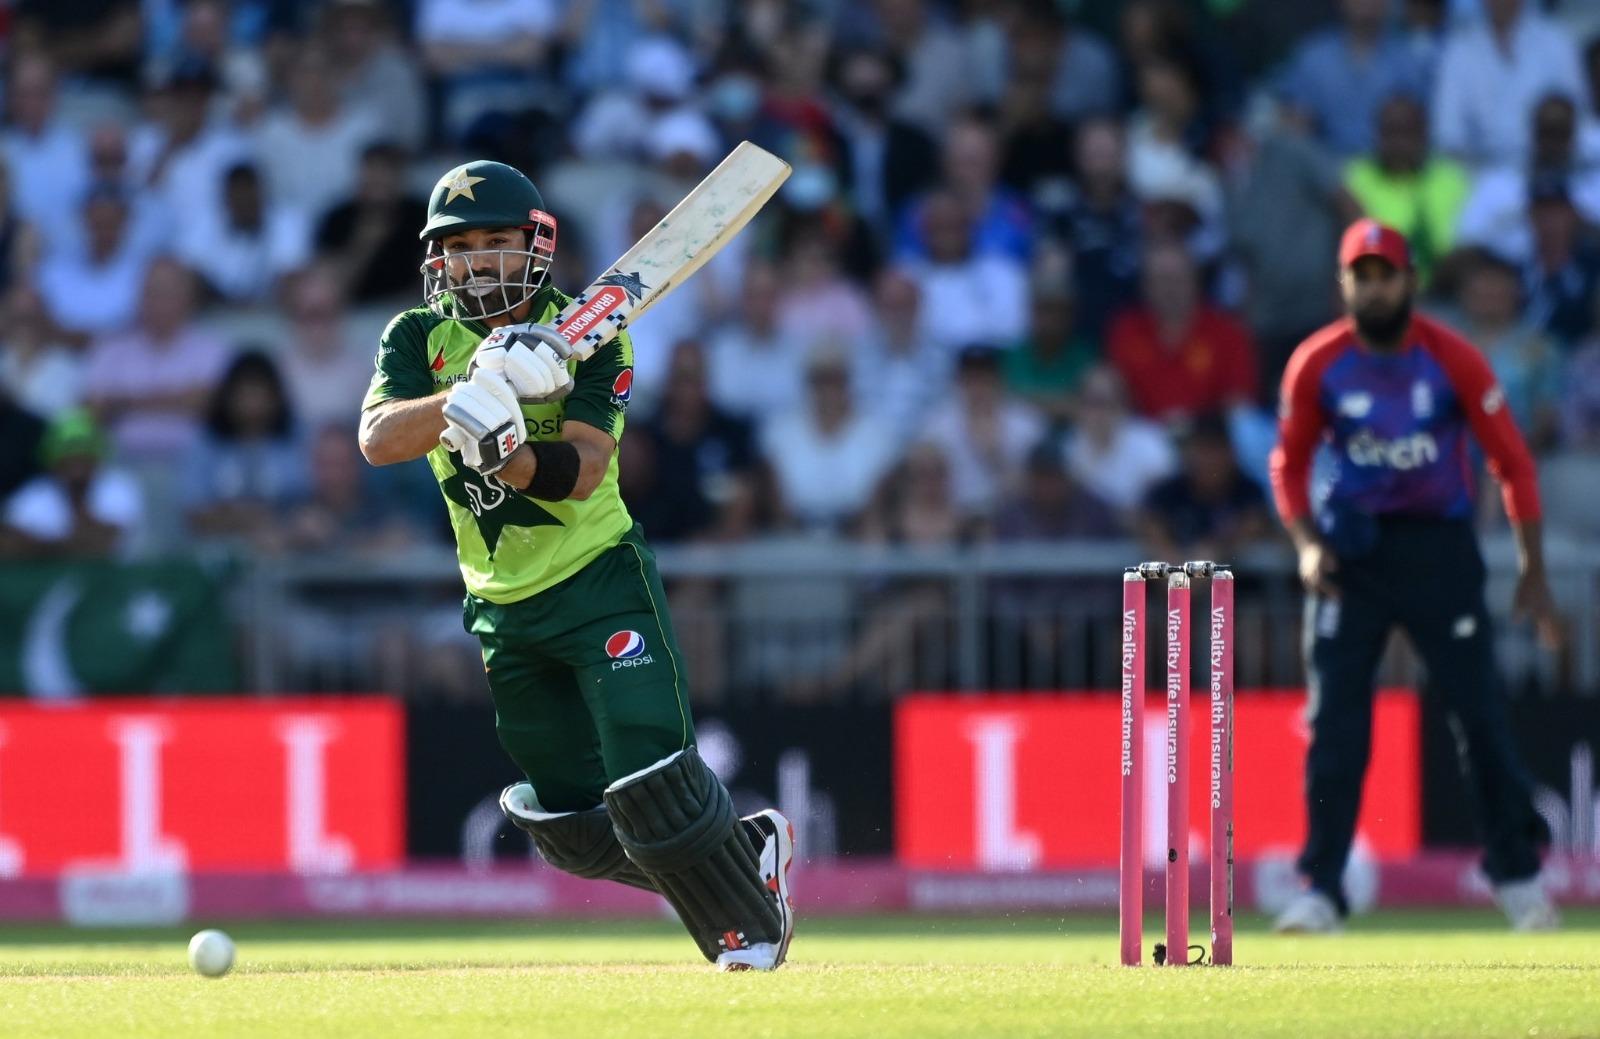 Mohammad Rizwan makes huge progress in the latest ICC T20I rankings for batsmen